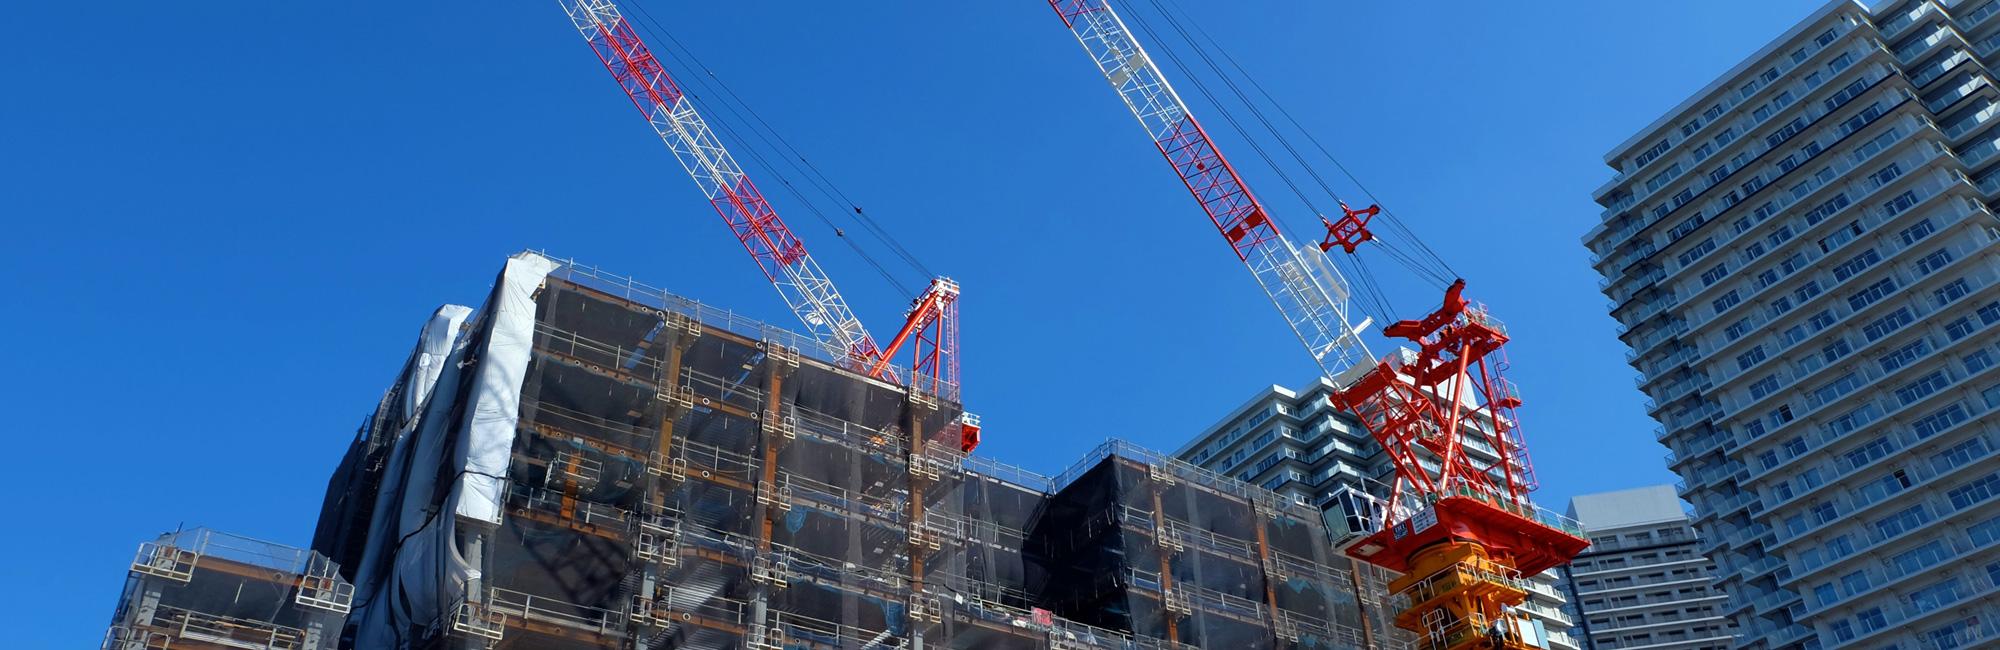 東和ホールディングスグループは発展し続ける街づくりに貢献します